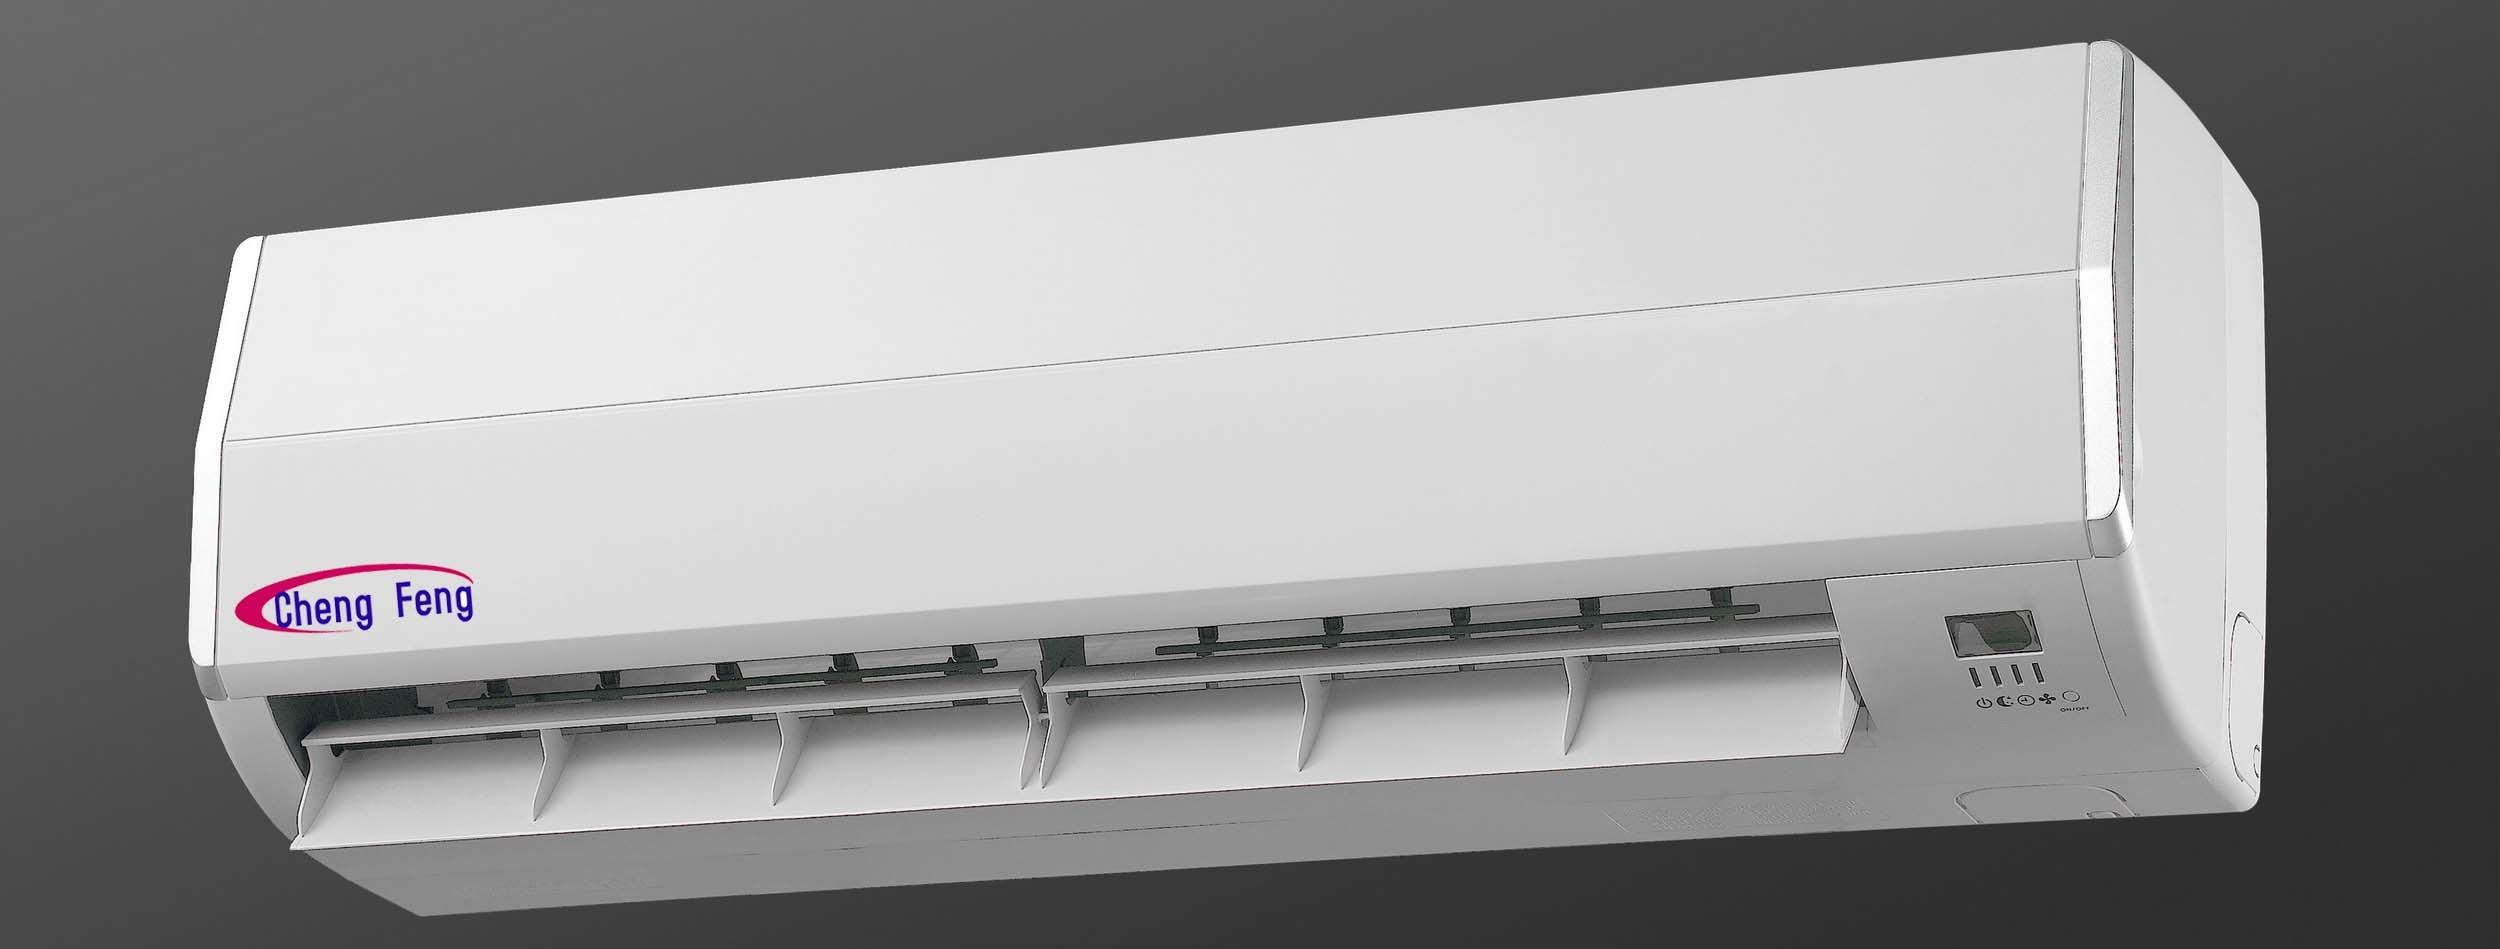 mini split air conditioner 9000btu 30000btu mini split air conditioner 9000btu 30000btu. Black Bedroom Furniture Sets. Home Design Ideas